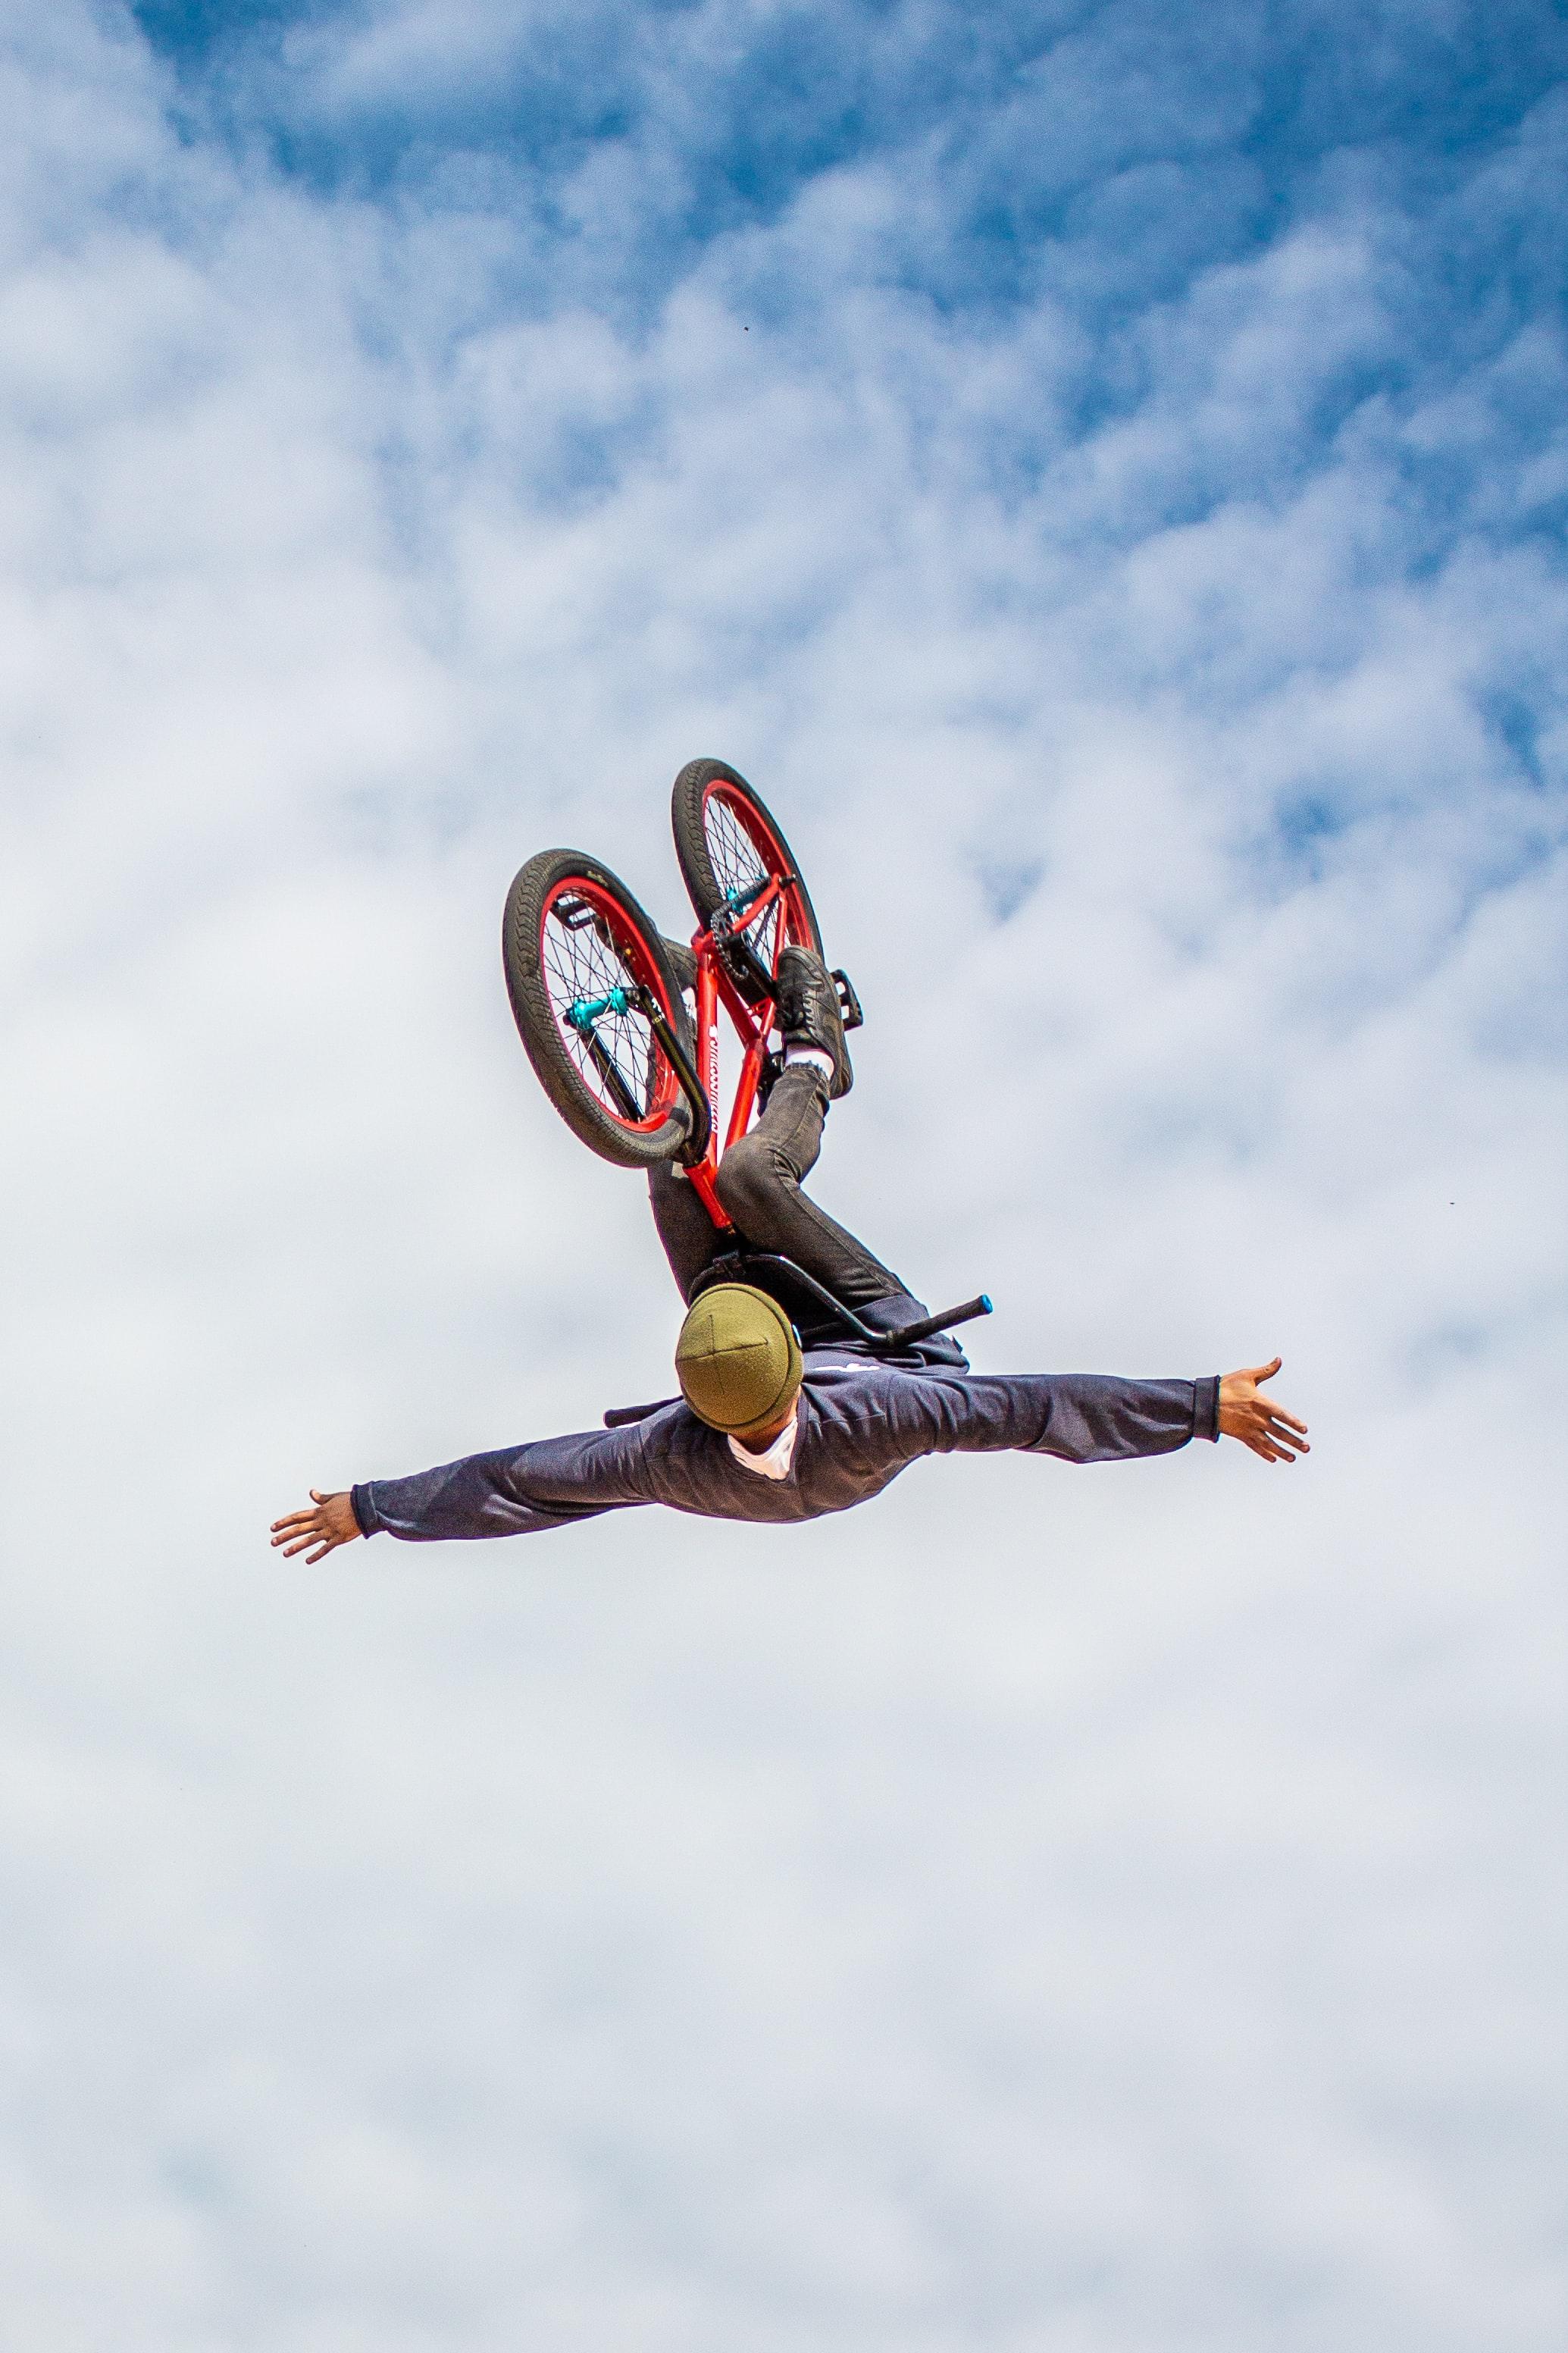 110425 скачать обои Человек, Велосипед, Бэкфлип, Прыжки, Спорт, Экстрим - заставки и картинки бесплатно